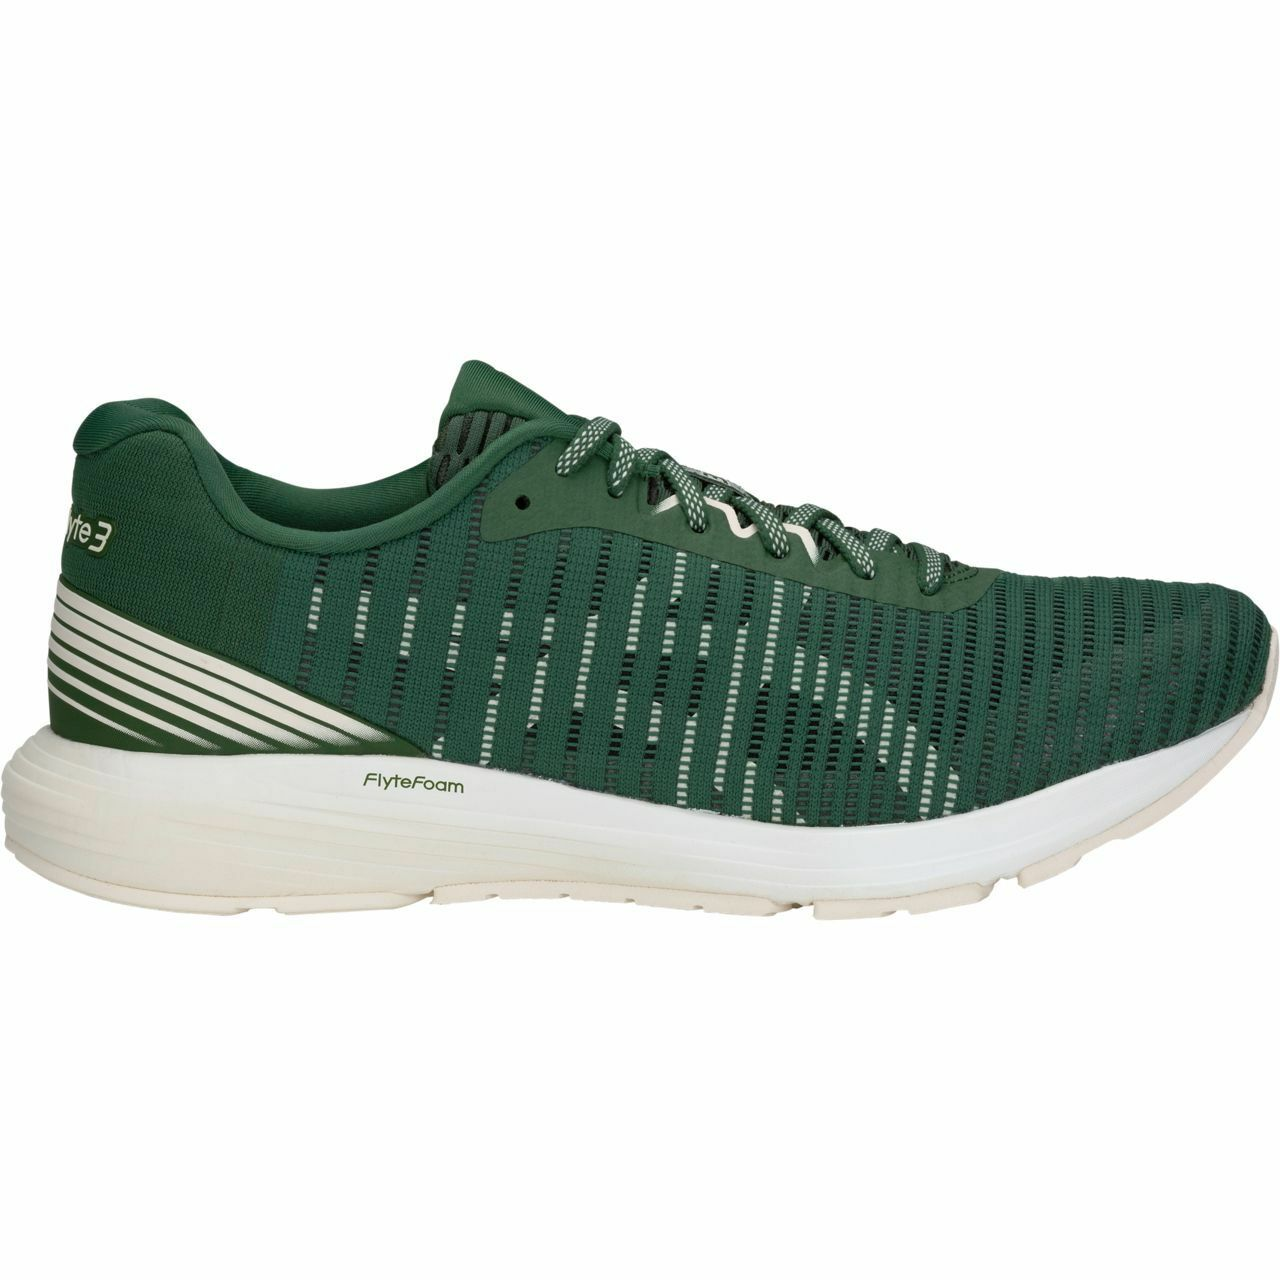 ASICS 1011A185-300 dynaflyte 3 solide Vert chasseur Crème Homme Chaussures De Course